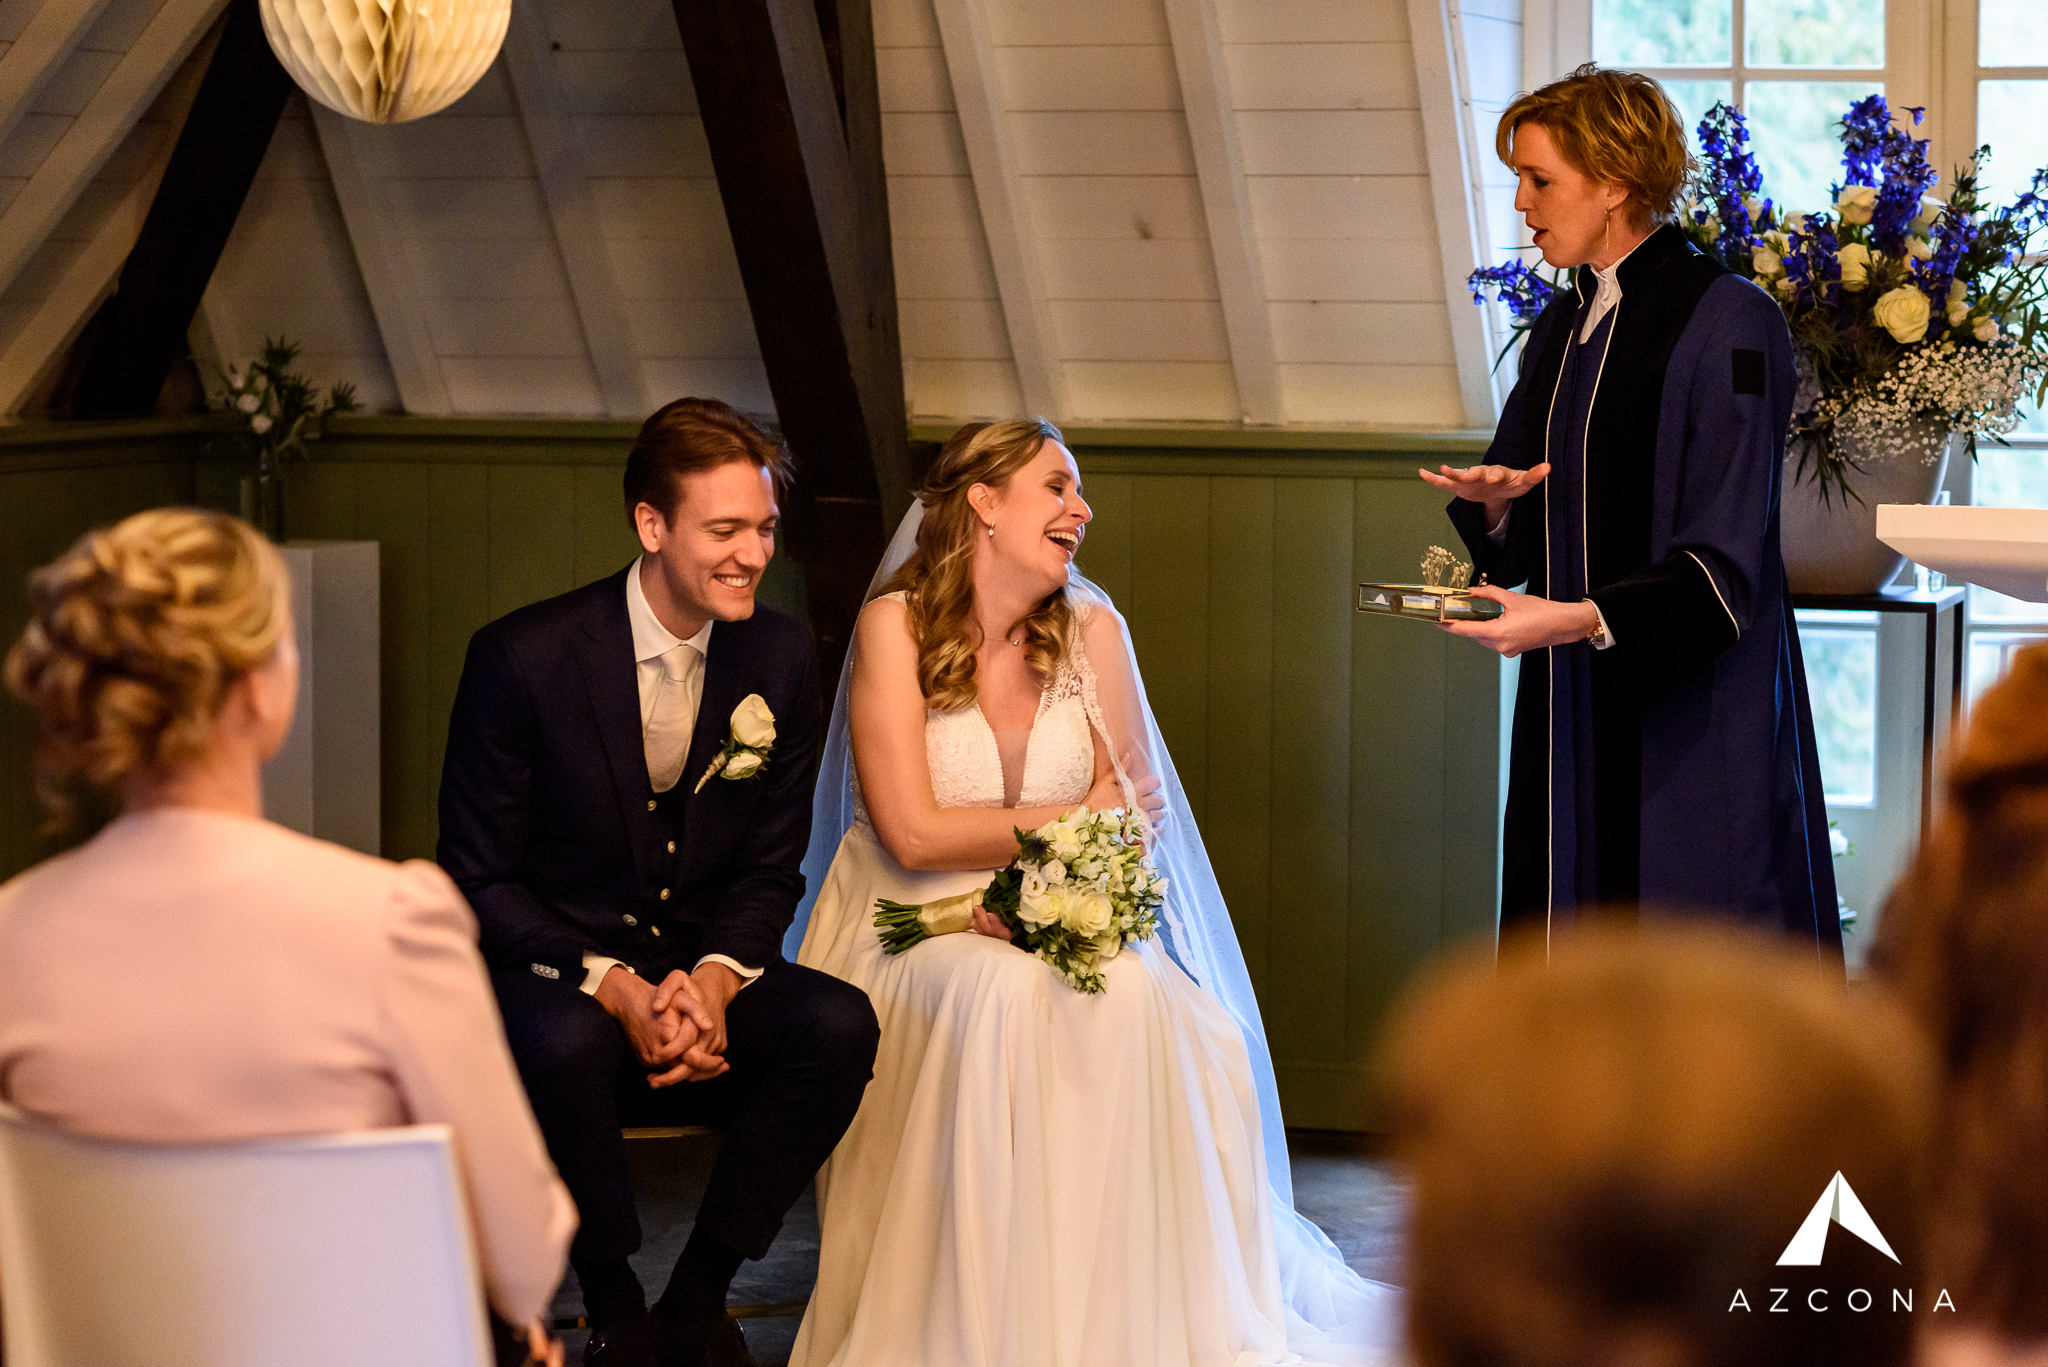 Trouwceremonie | Ceremonie vol Liefde